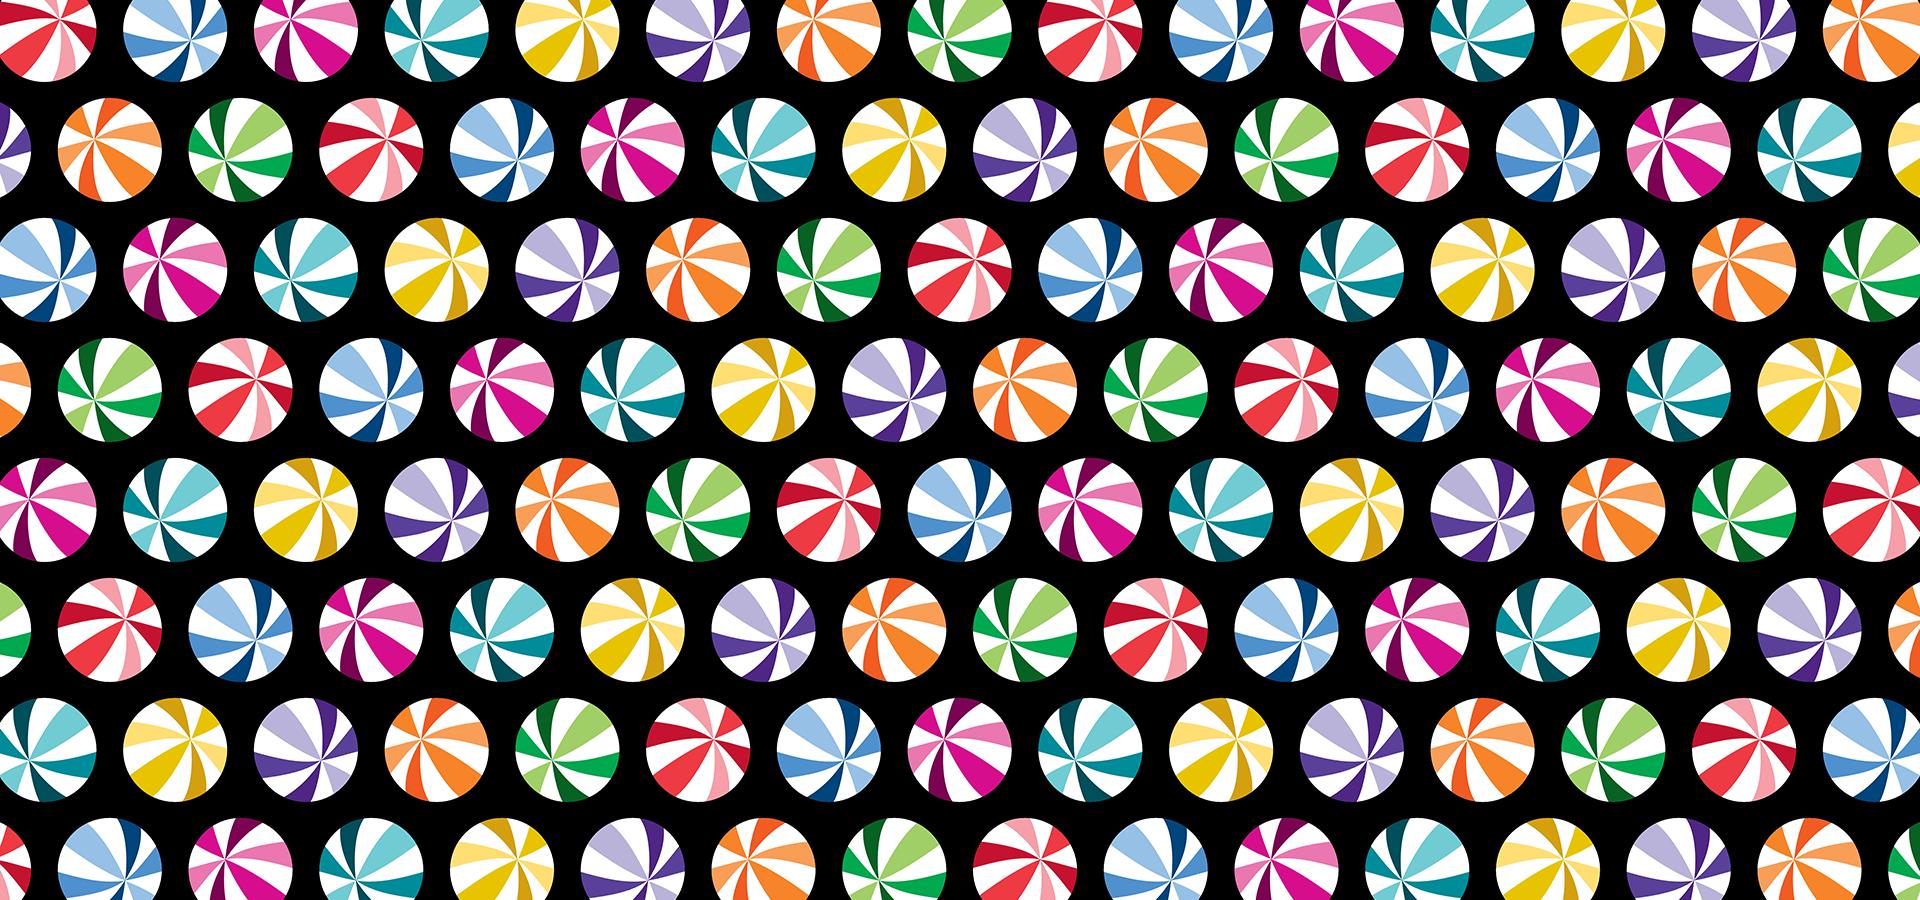 motif billes à rayures colorées sur fond noir